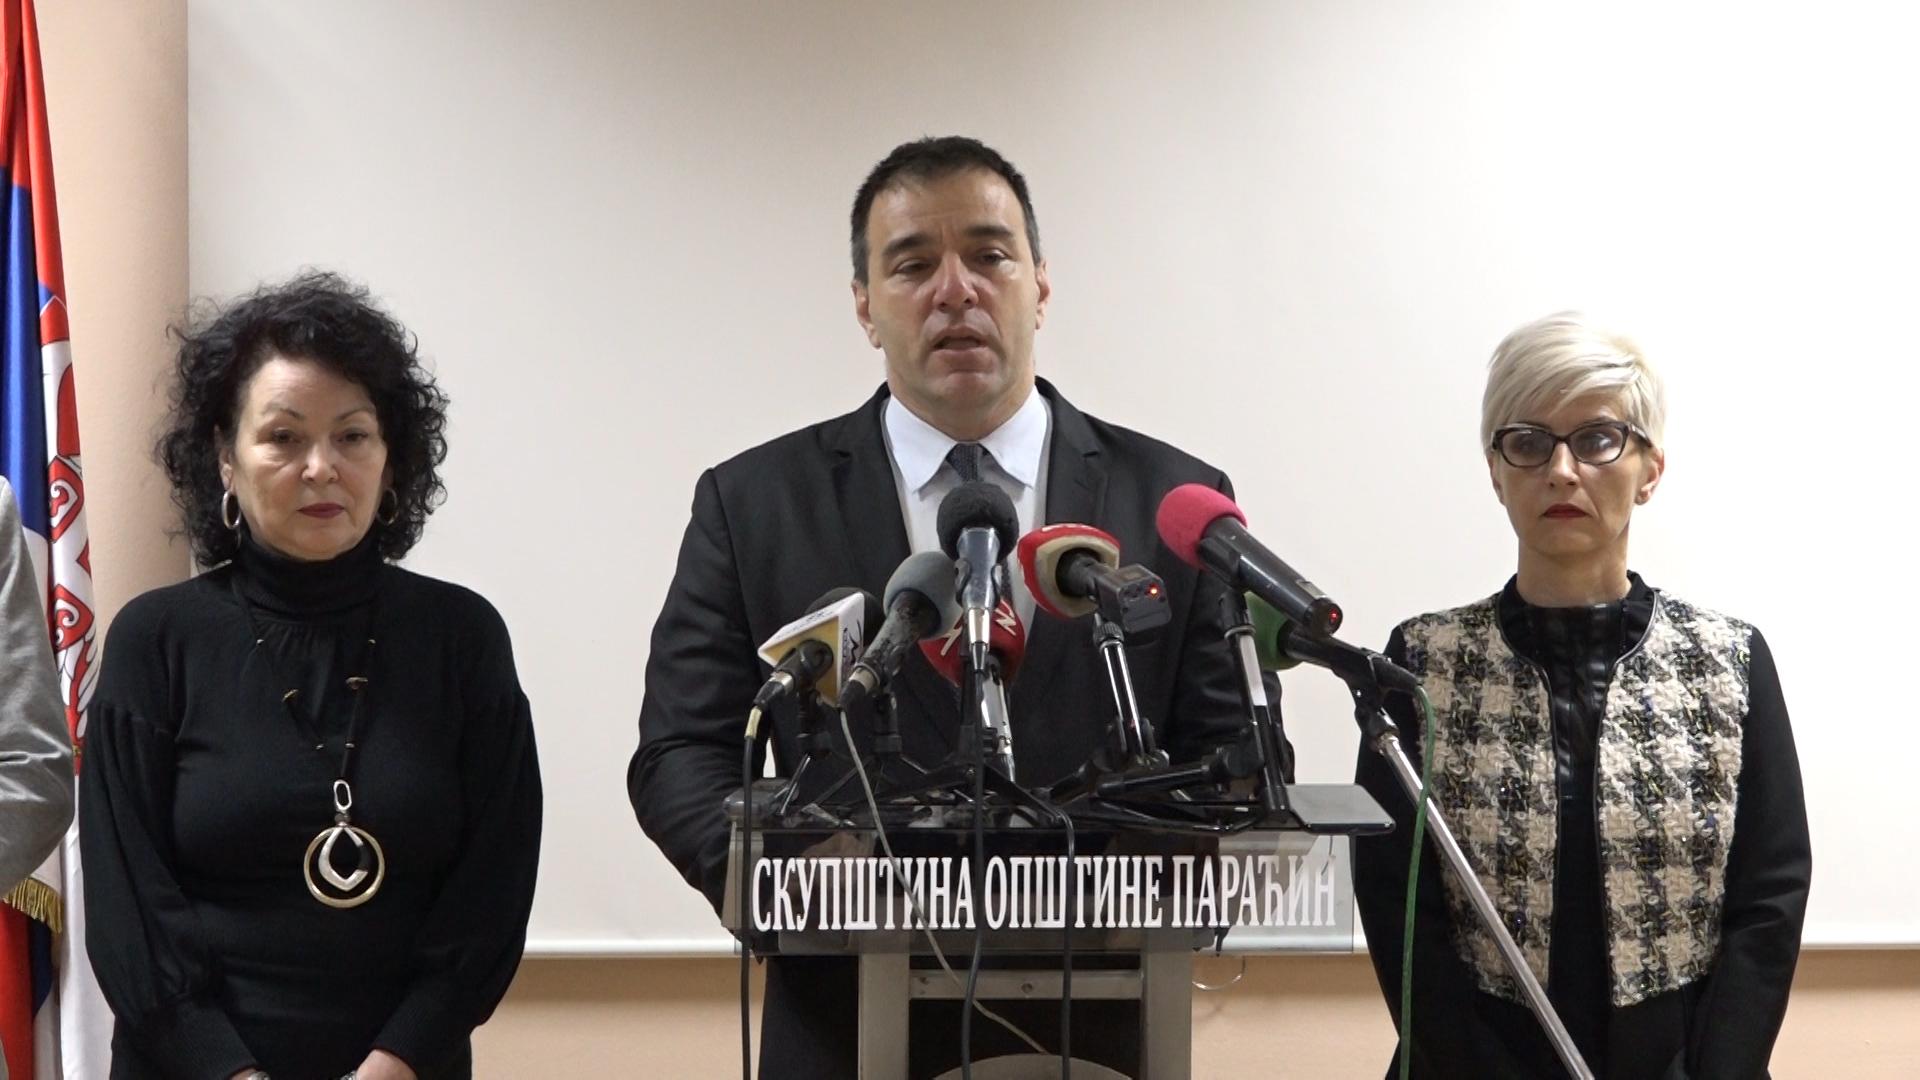 Novogodišnja KZN predsednika opštine Paraćin Saše Paunovića